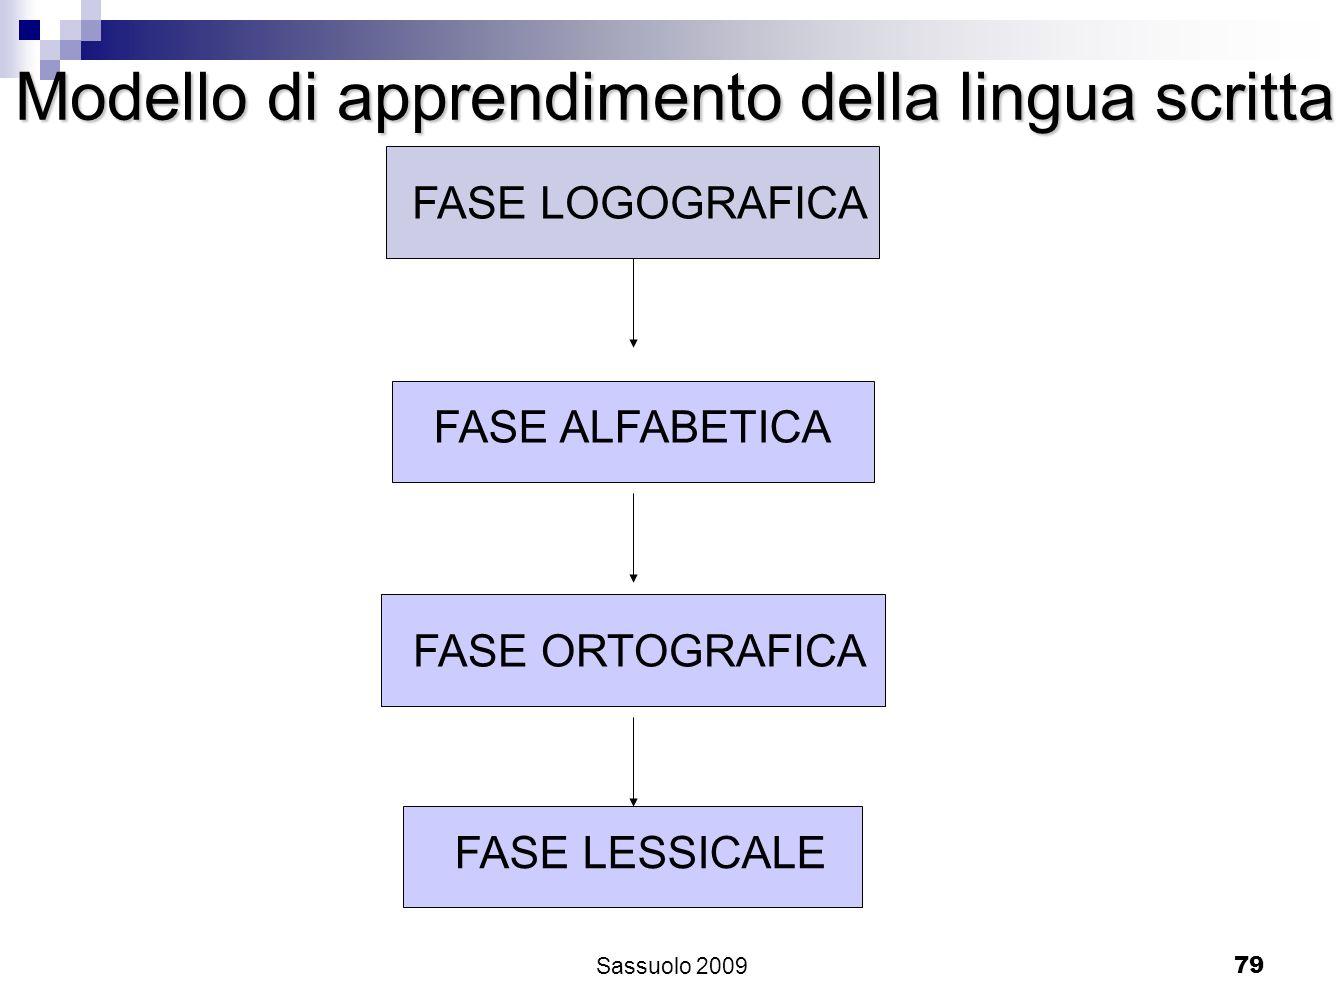 79 Modello di apprendimento della lingua scritta Modello di apprendimento della lingua scritta FASE LOGOGRAFICA FASE ALFABETICA FASE ORTOGRAFICA FASE